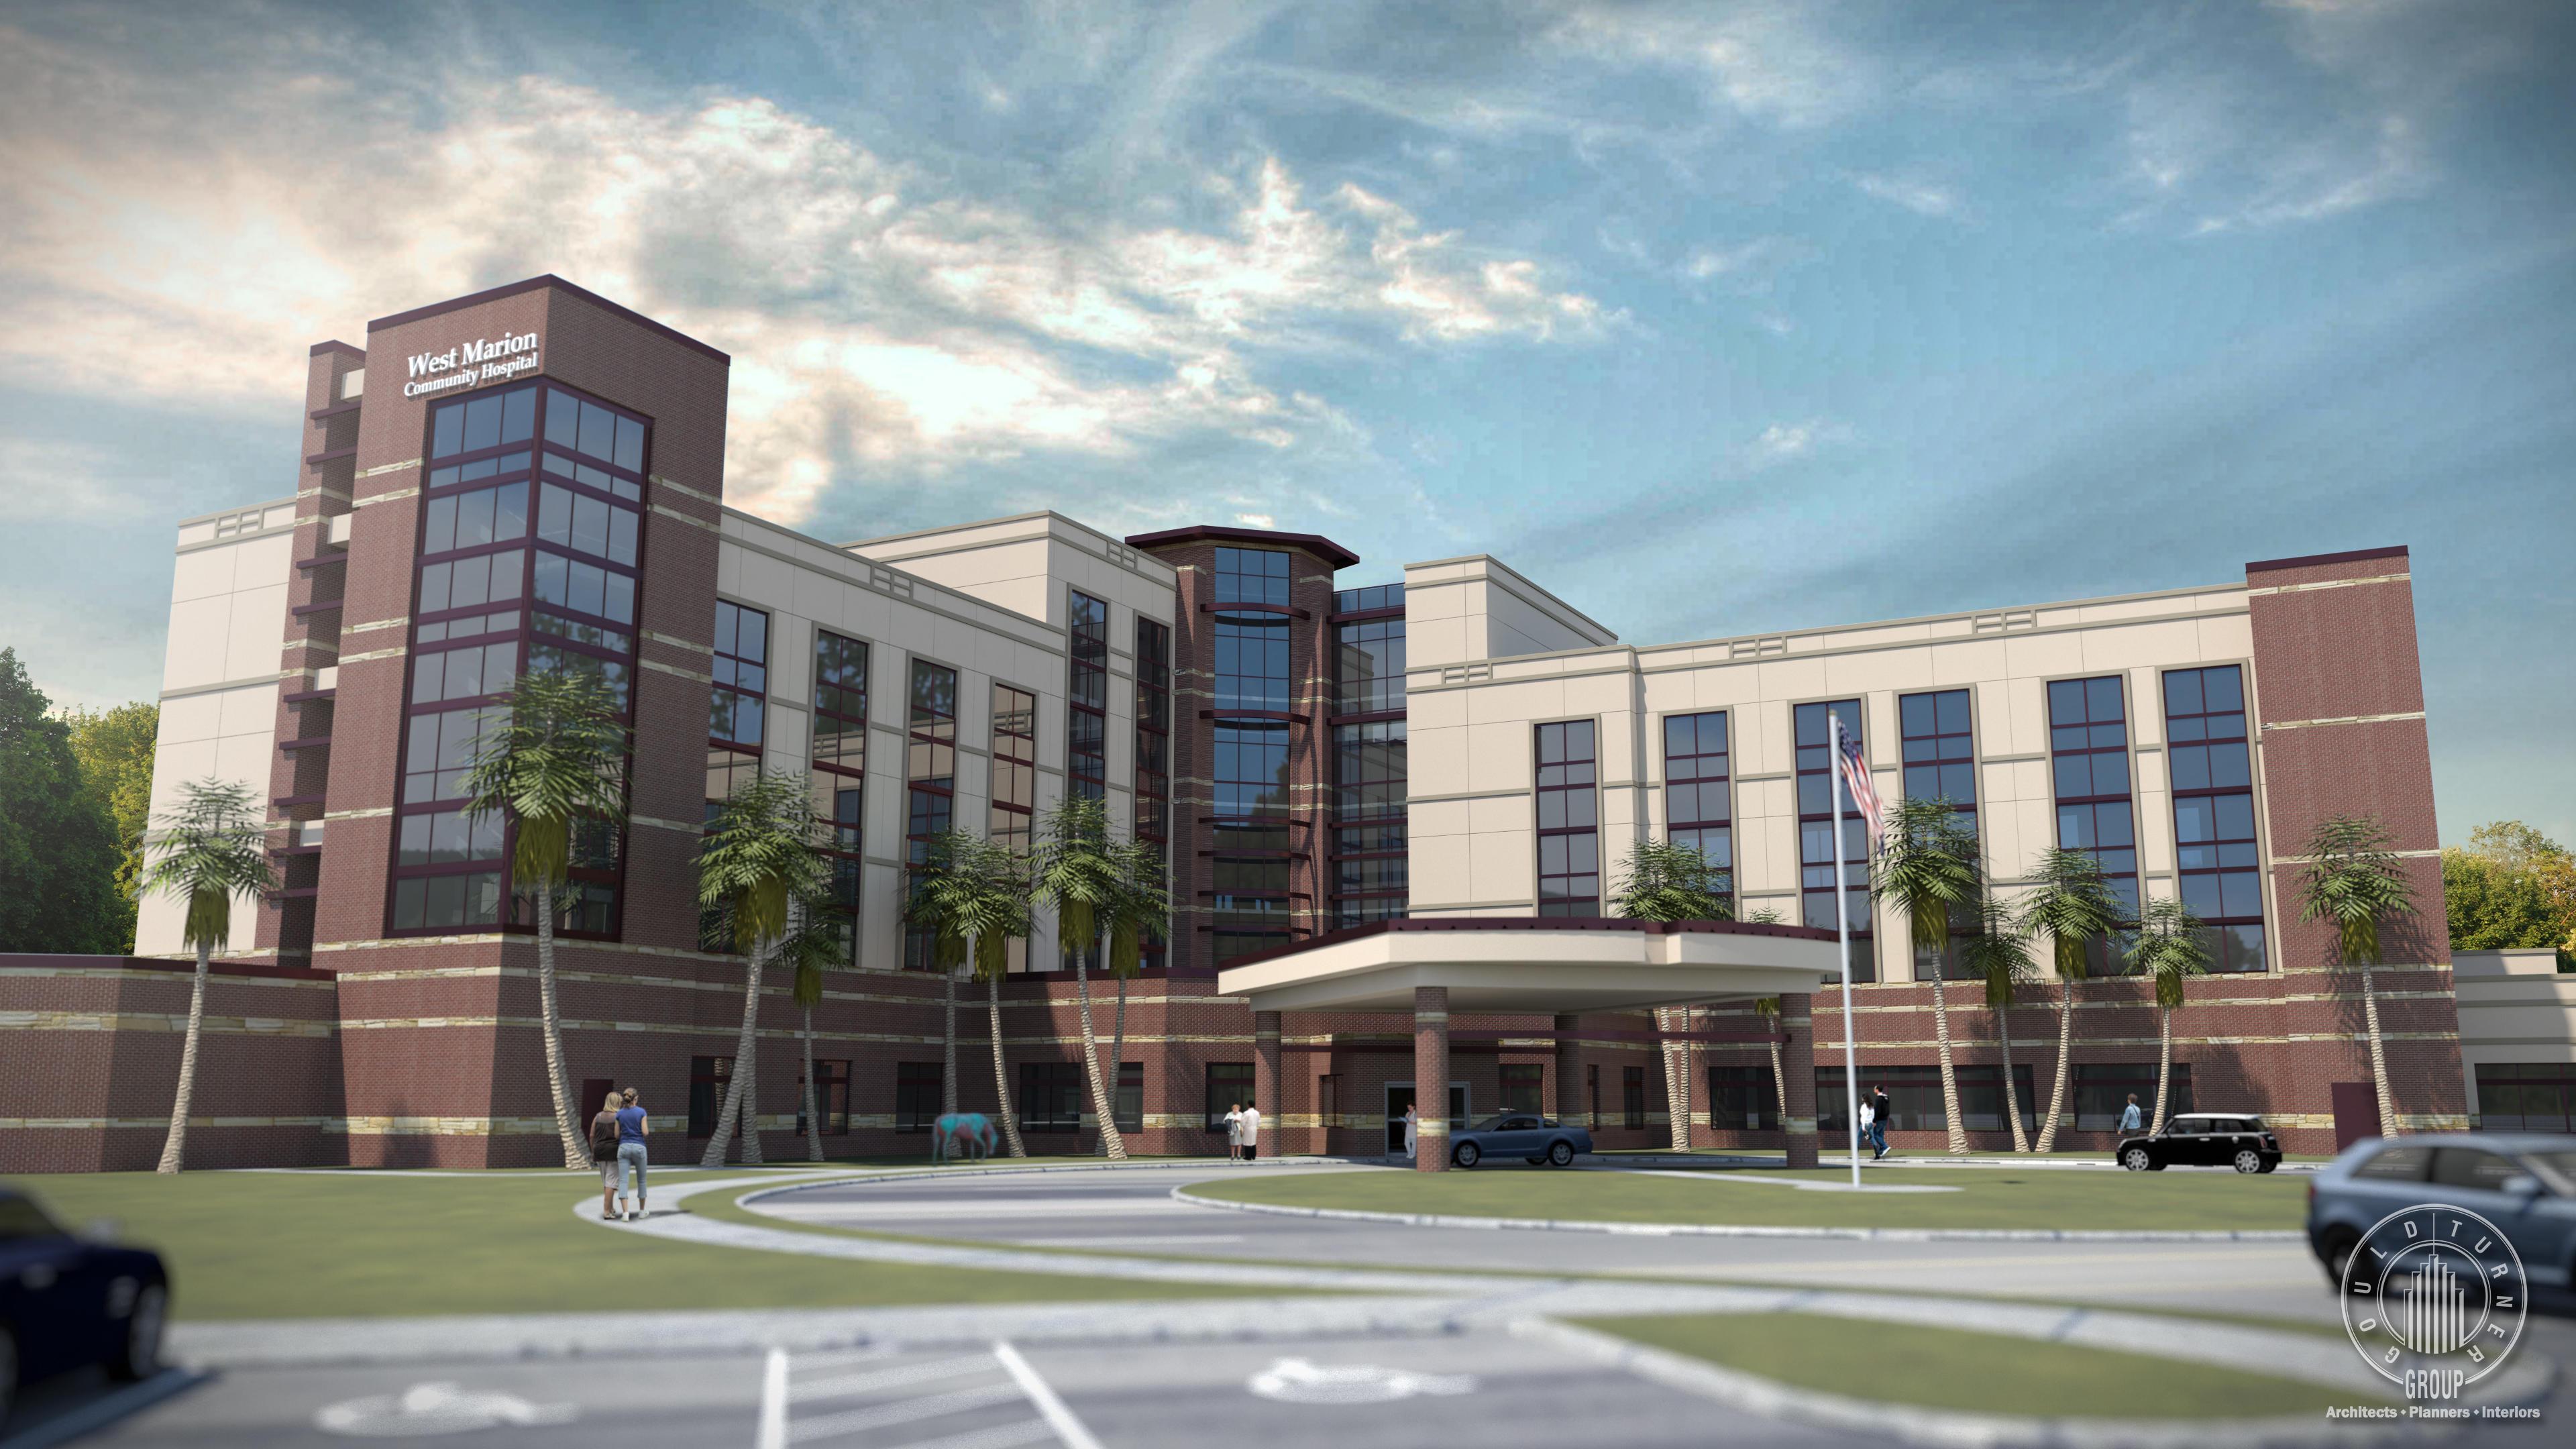 West Marion Community Hospital image 2